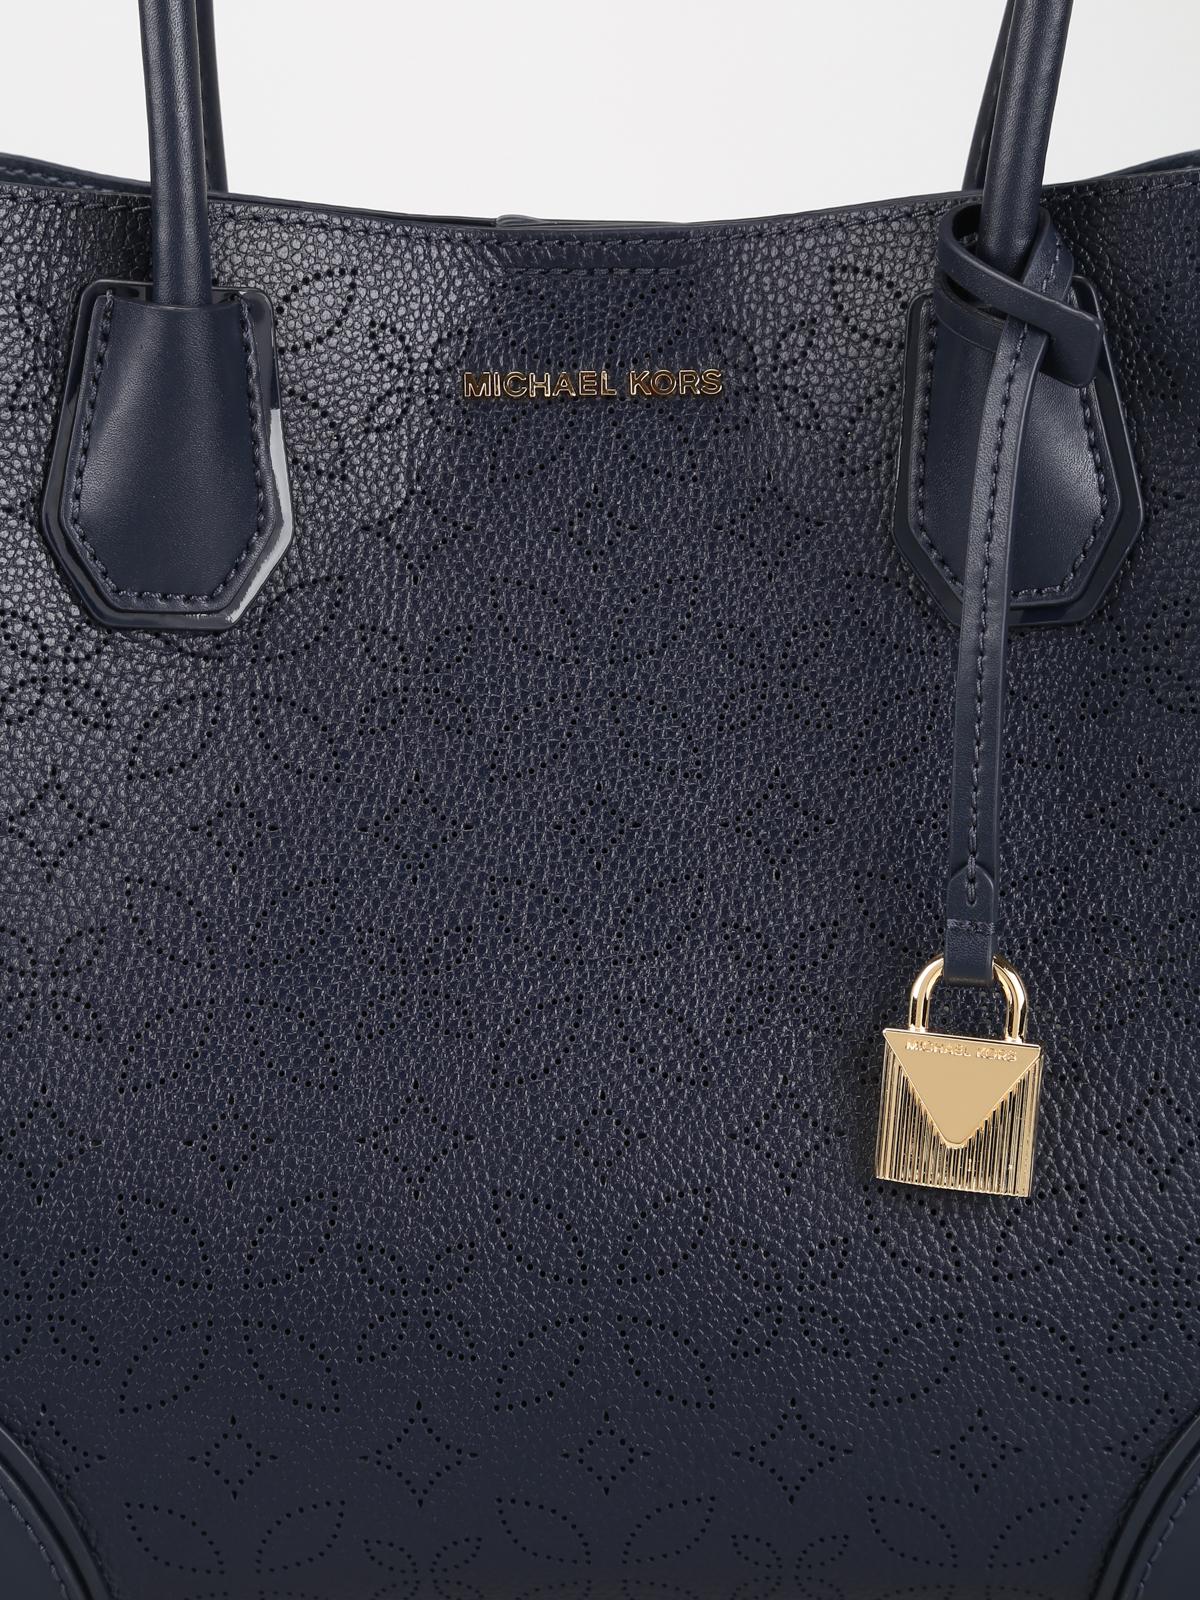 e0d8c90dd185 Michael Kors - Admiral blue Mercer Gallery medium bag - totes bags ...